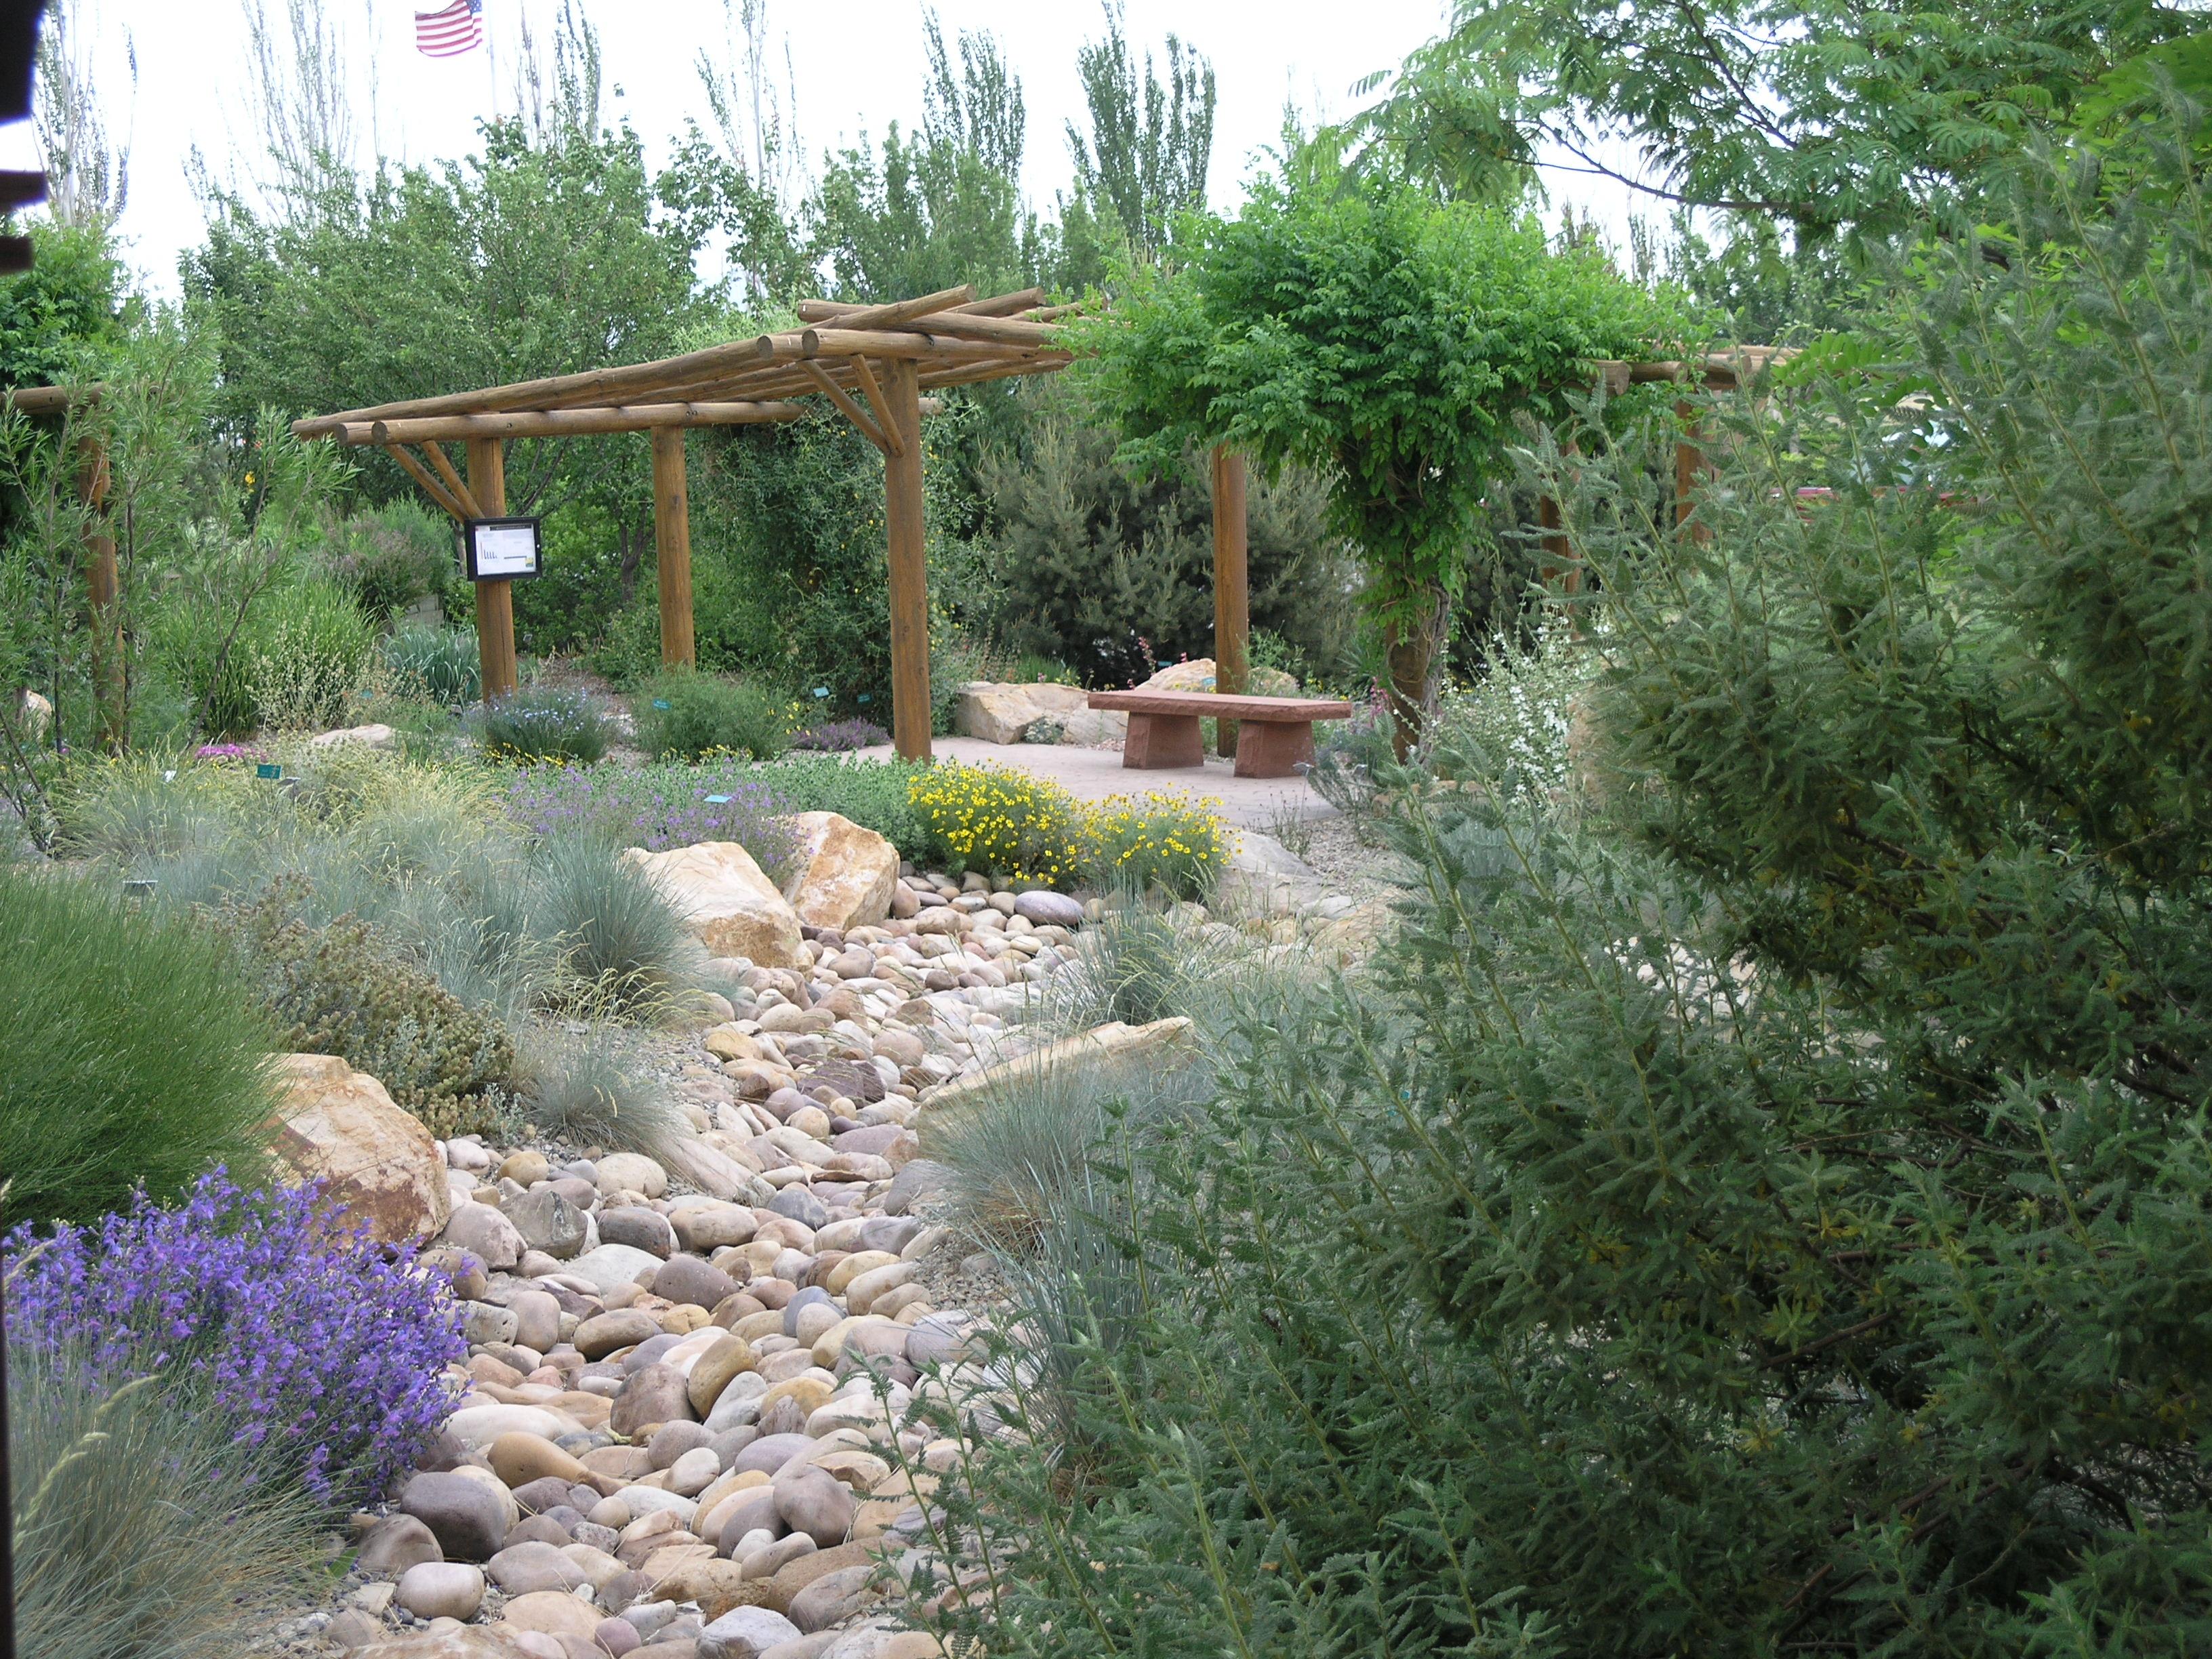 FileHigh Mountain Desert Riverbed June Jpg Wikimedia - Backyard conservation